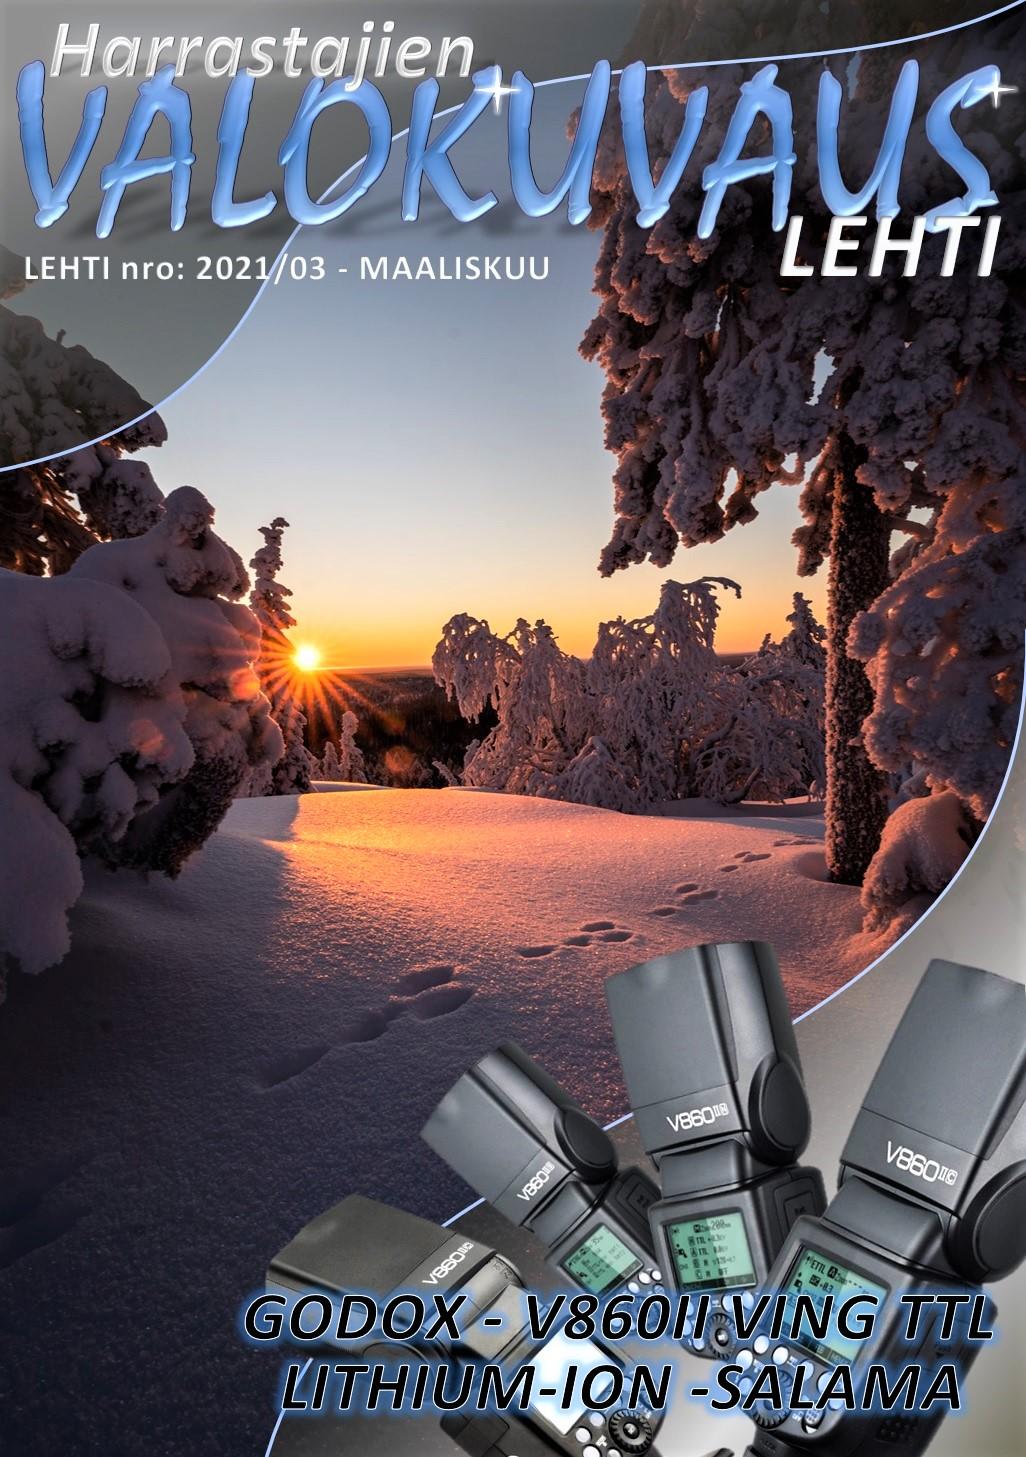 VALOKUVAUS-LEHTI 2021/03